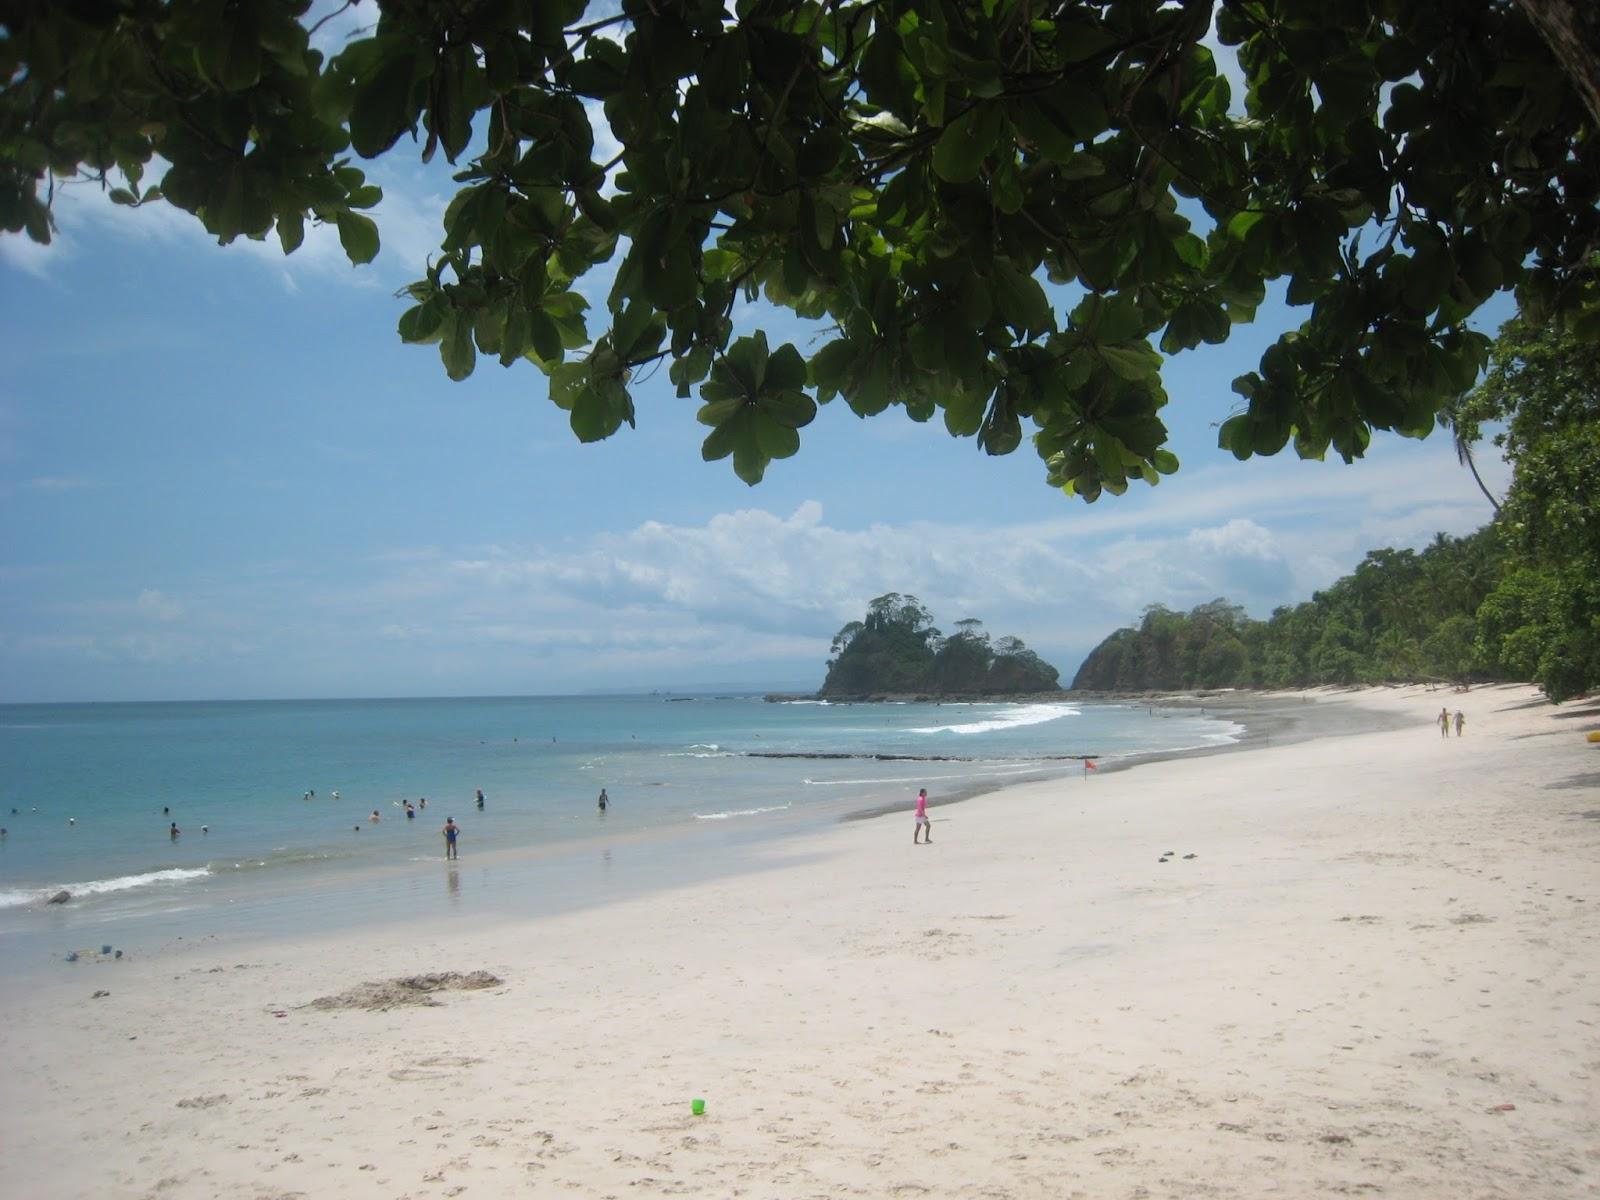 Playa Punta Blanca